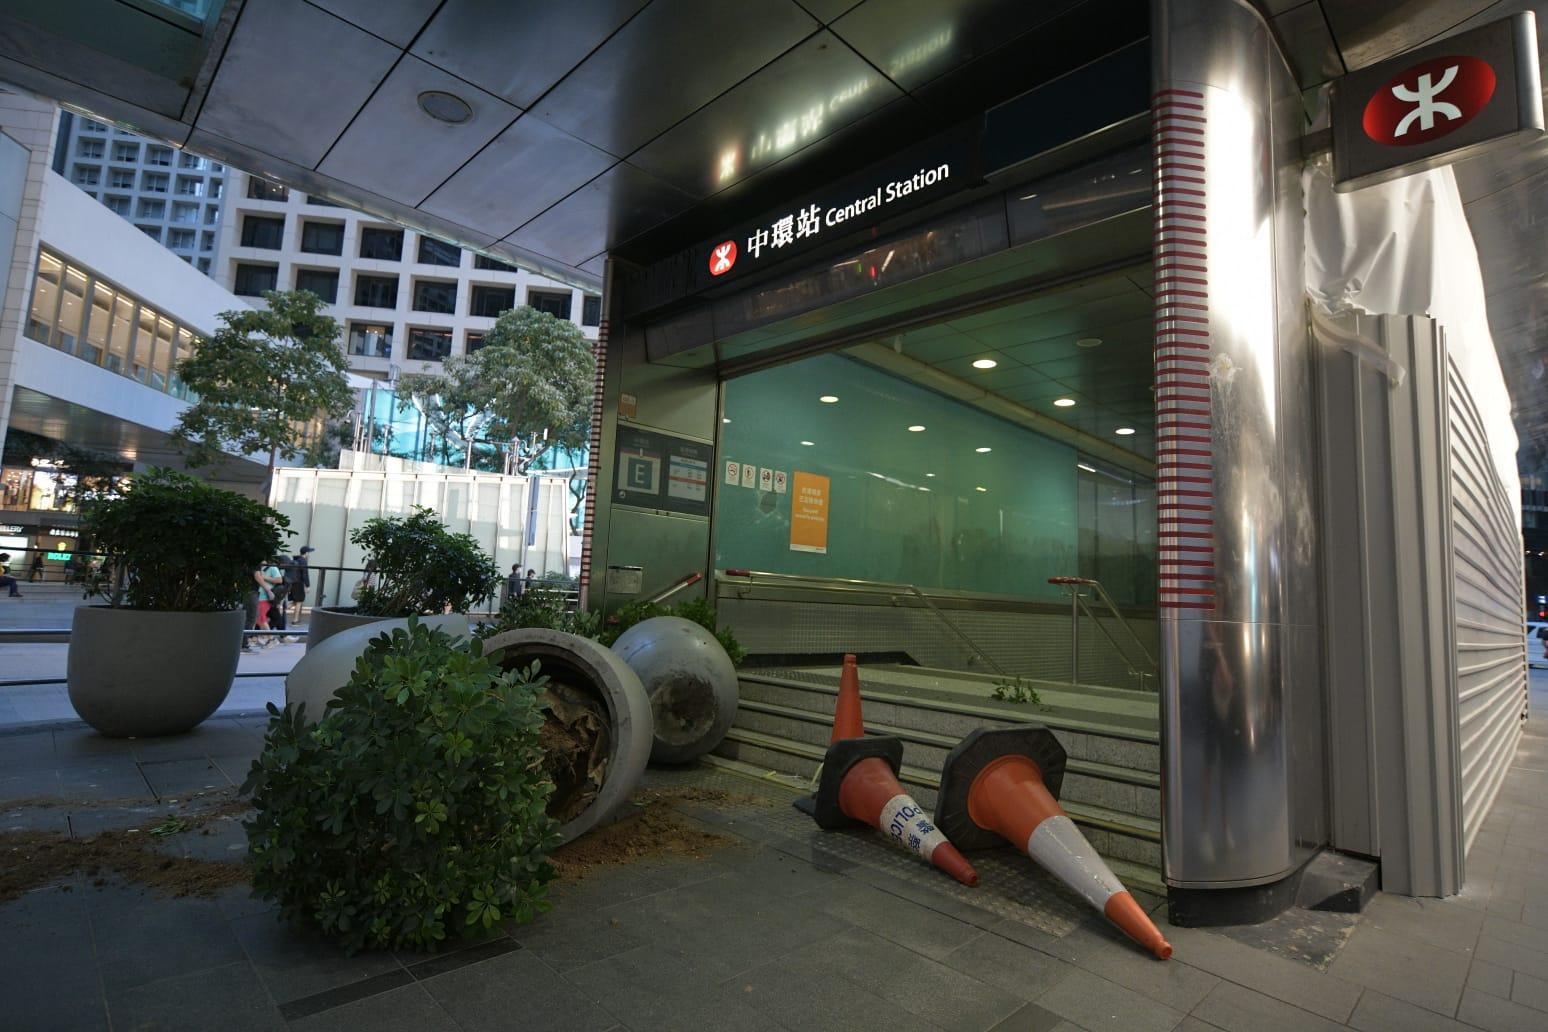 【修例风波】黑衣示威者中环站掟汽油弹纵火 上环站遭投掷杂物